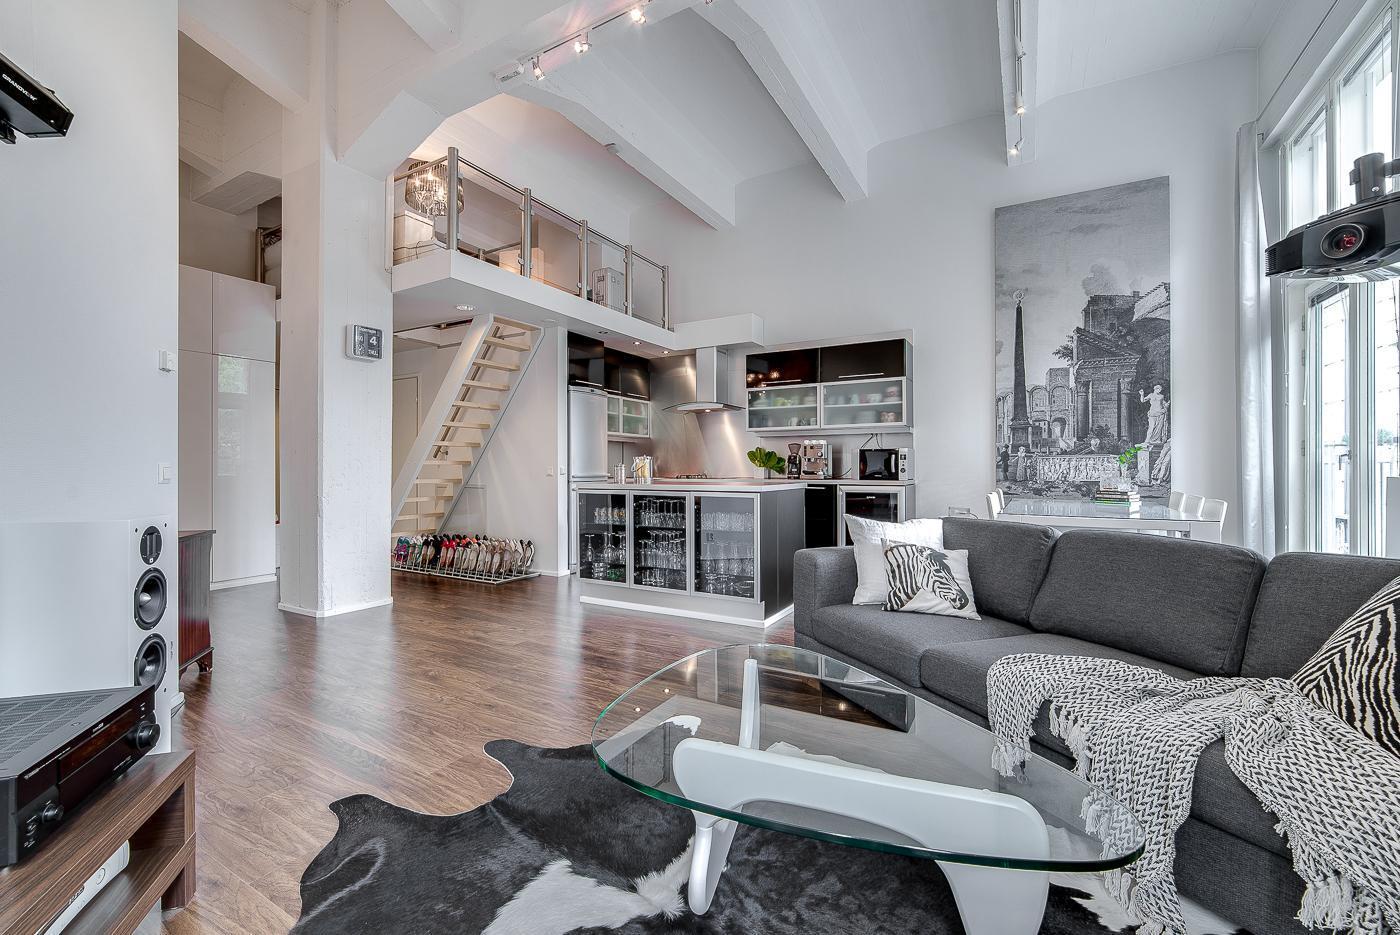 Mustan ja harmaan sävyjä loft asunnon sisustuksessa  Etuovi com Ideat &